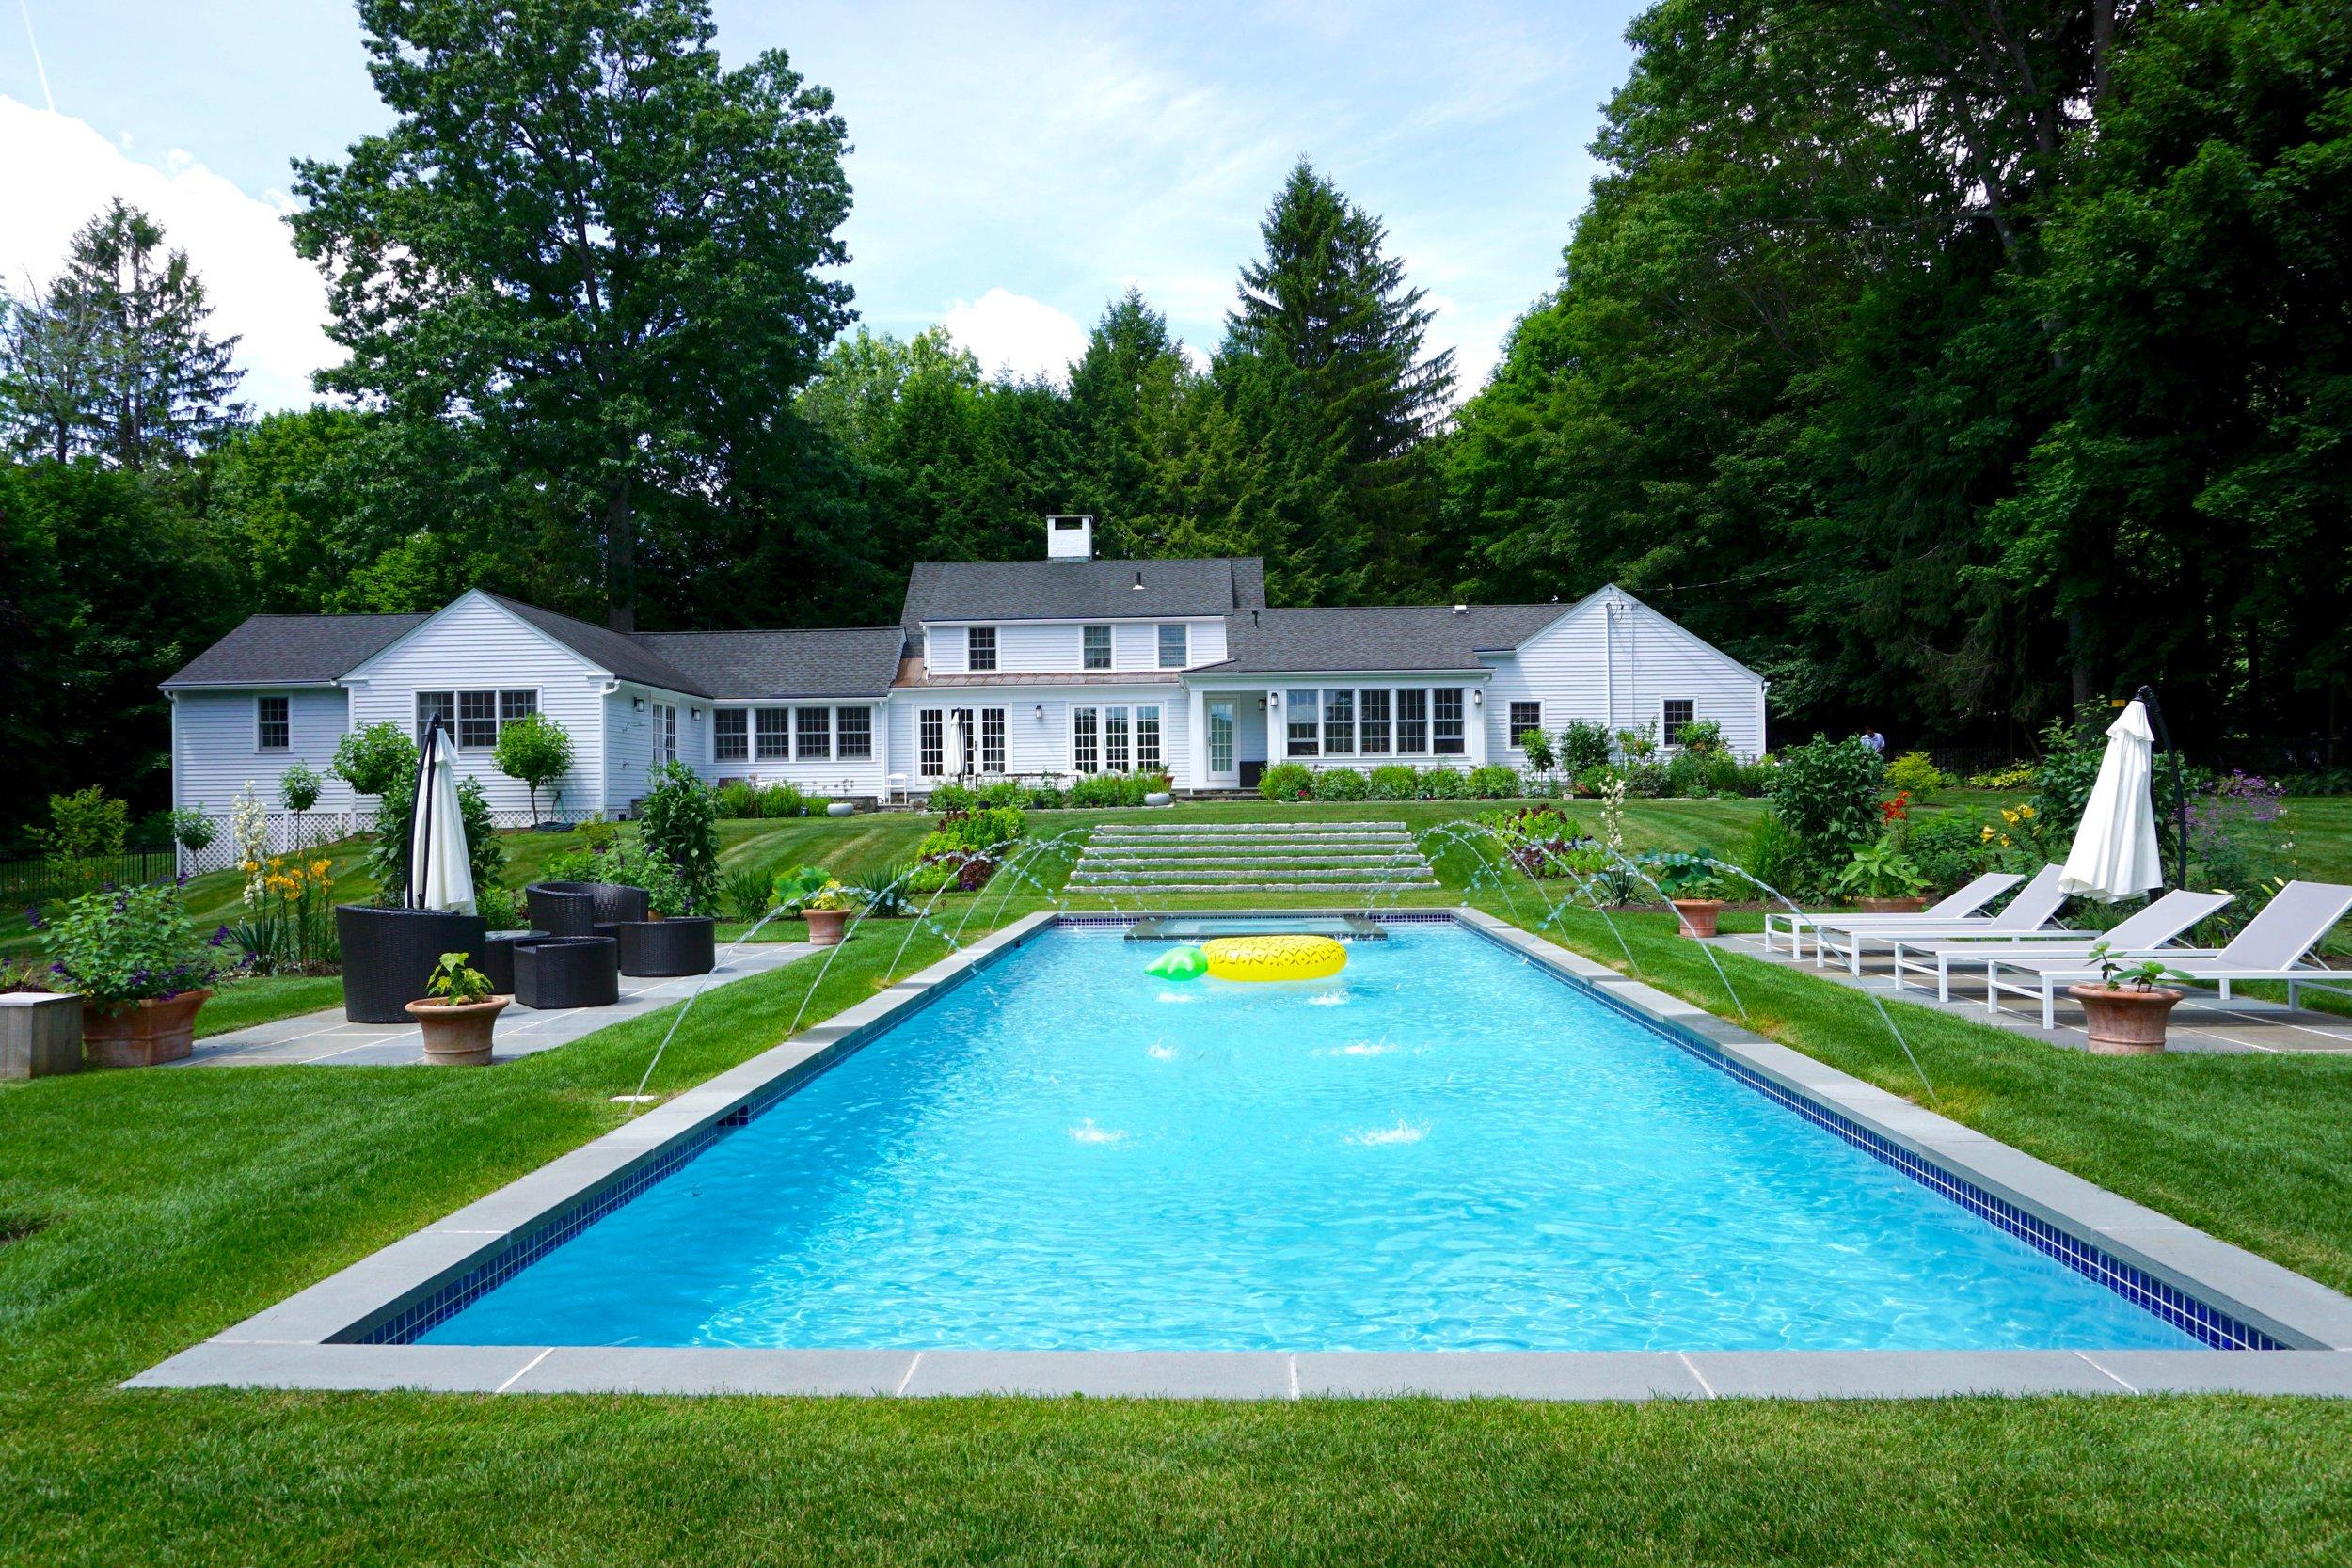 Custom in-ground gunite swimming pool